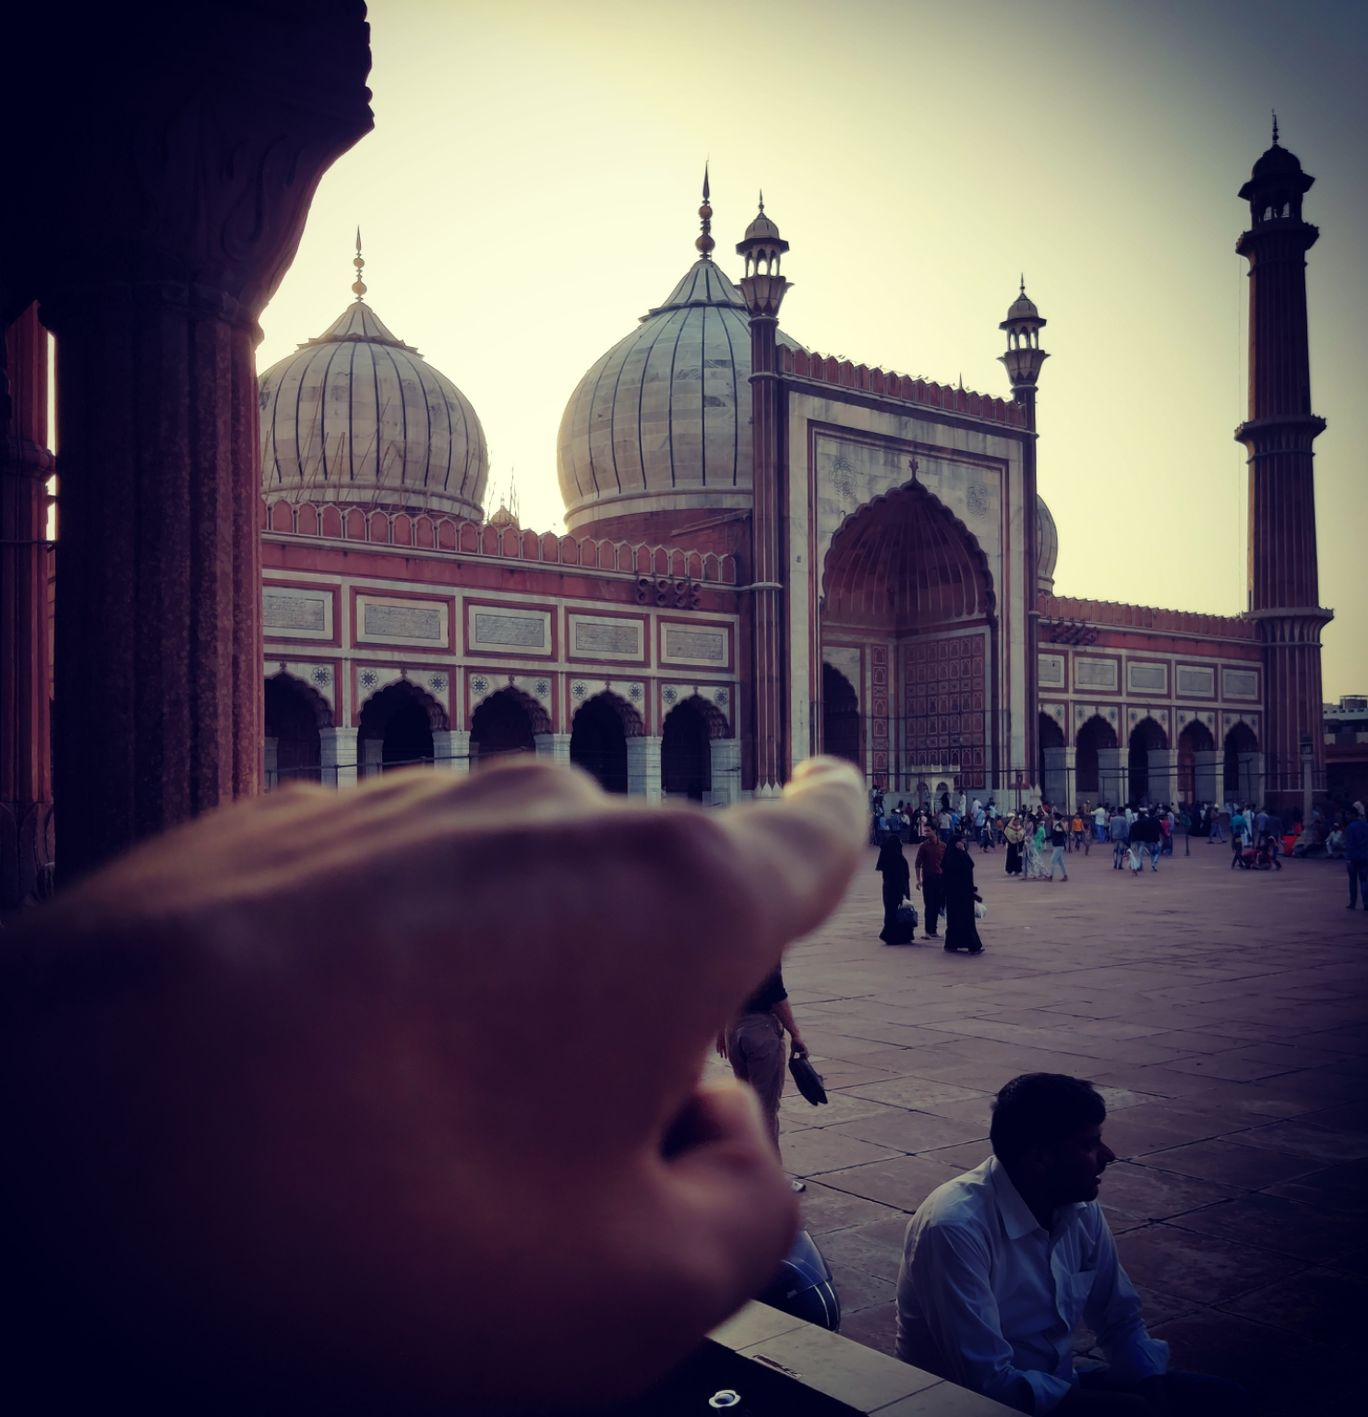 Photo of Jama Masjid By Yugesh Rajvansh